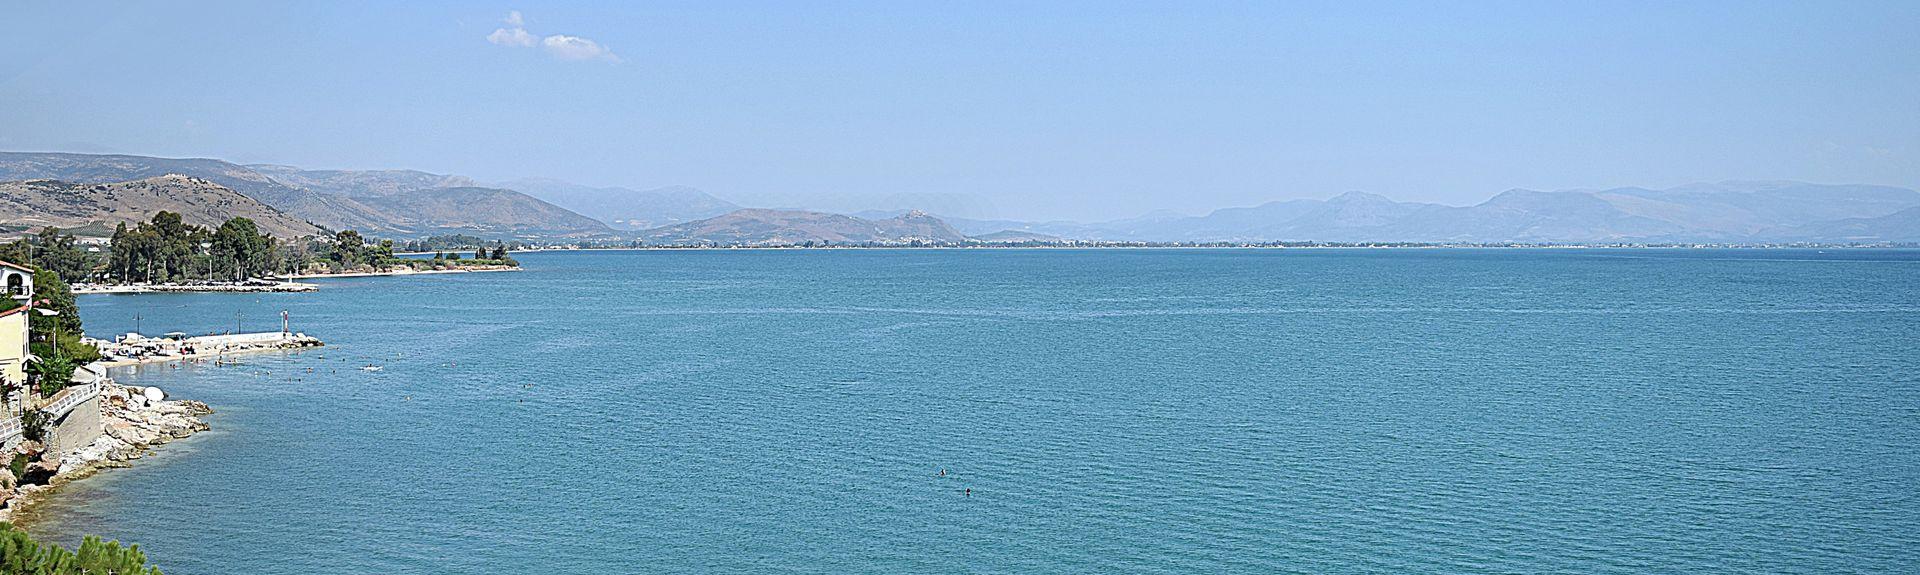 Άγιος Αδριανός, Πελοπόννησος, Ελλάδα